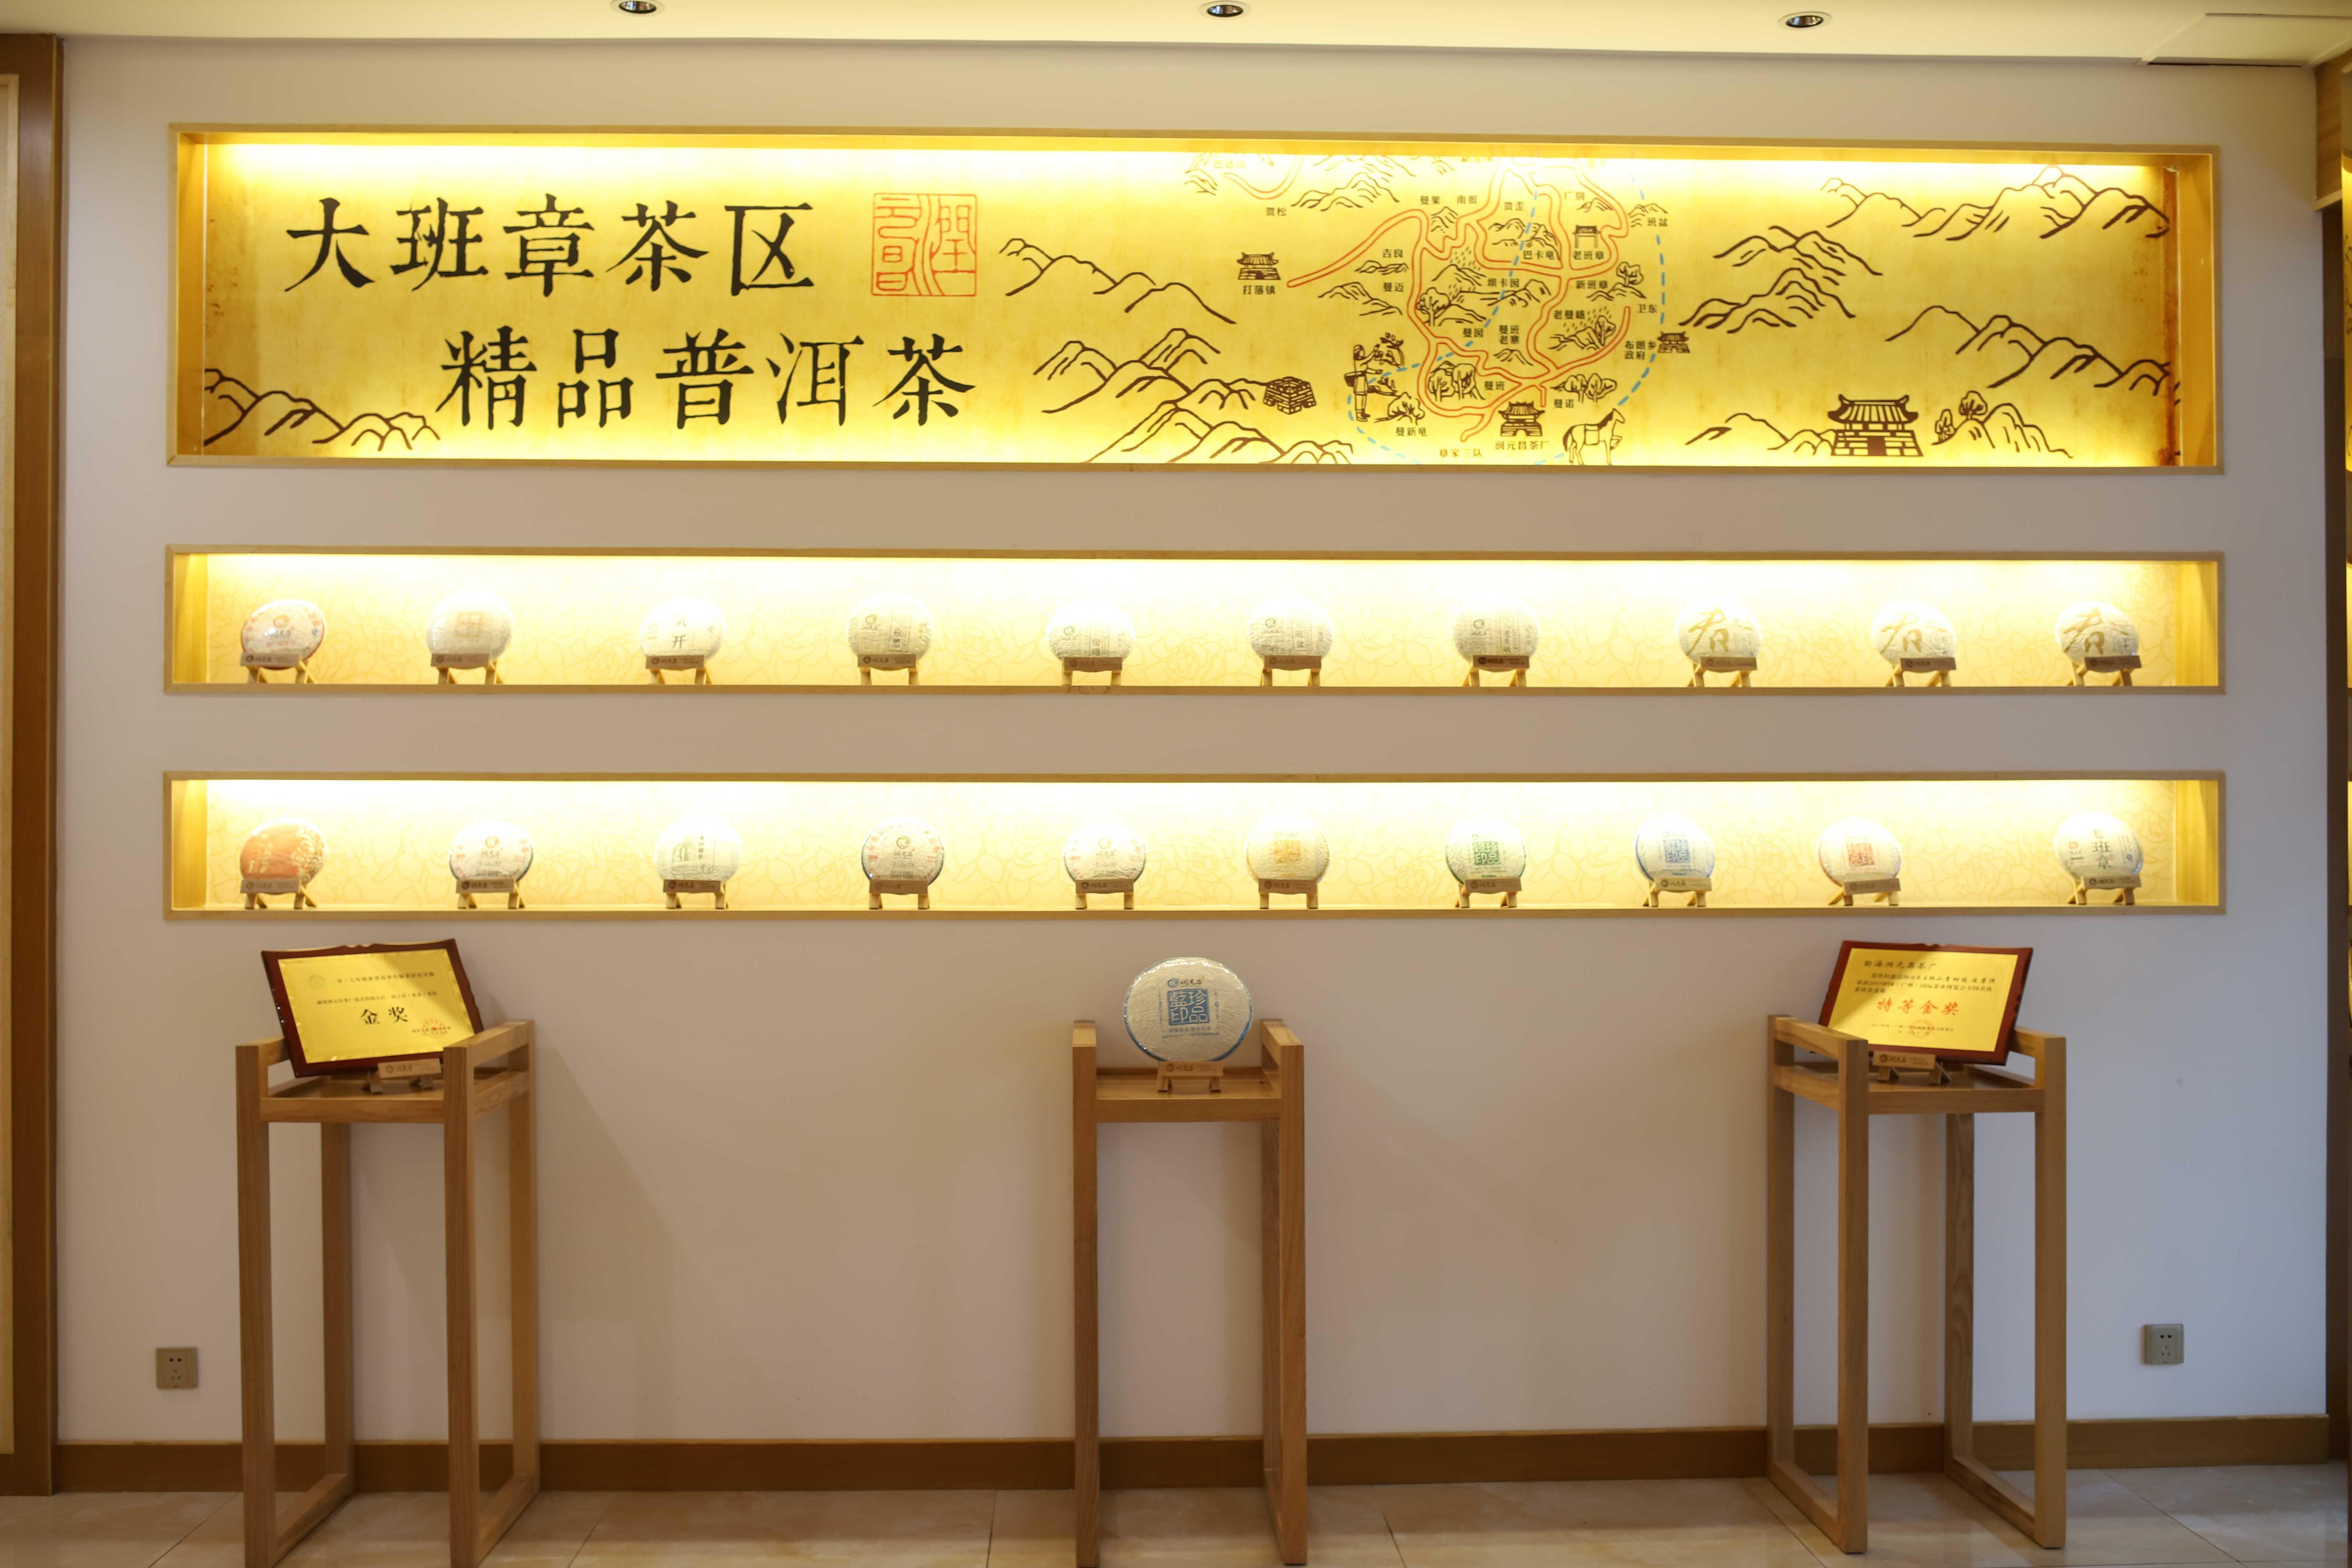 新手開茶葉店應該怎么挑選產品-新手開茶葉店應該怎么挑選產品-1